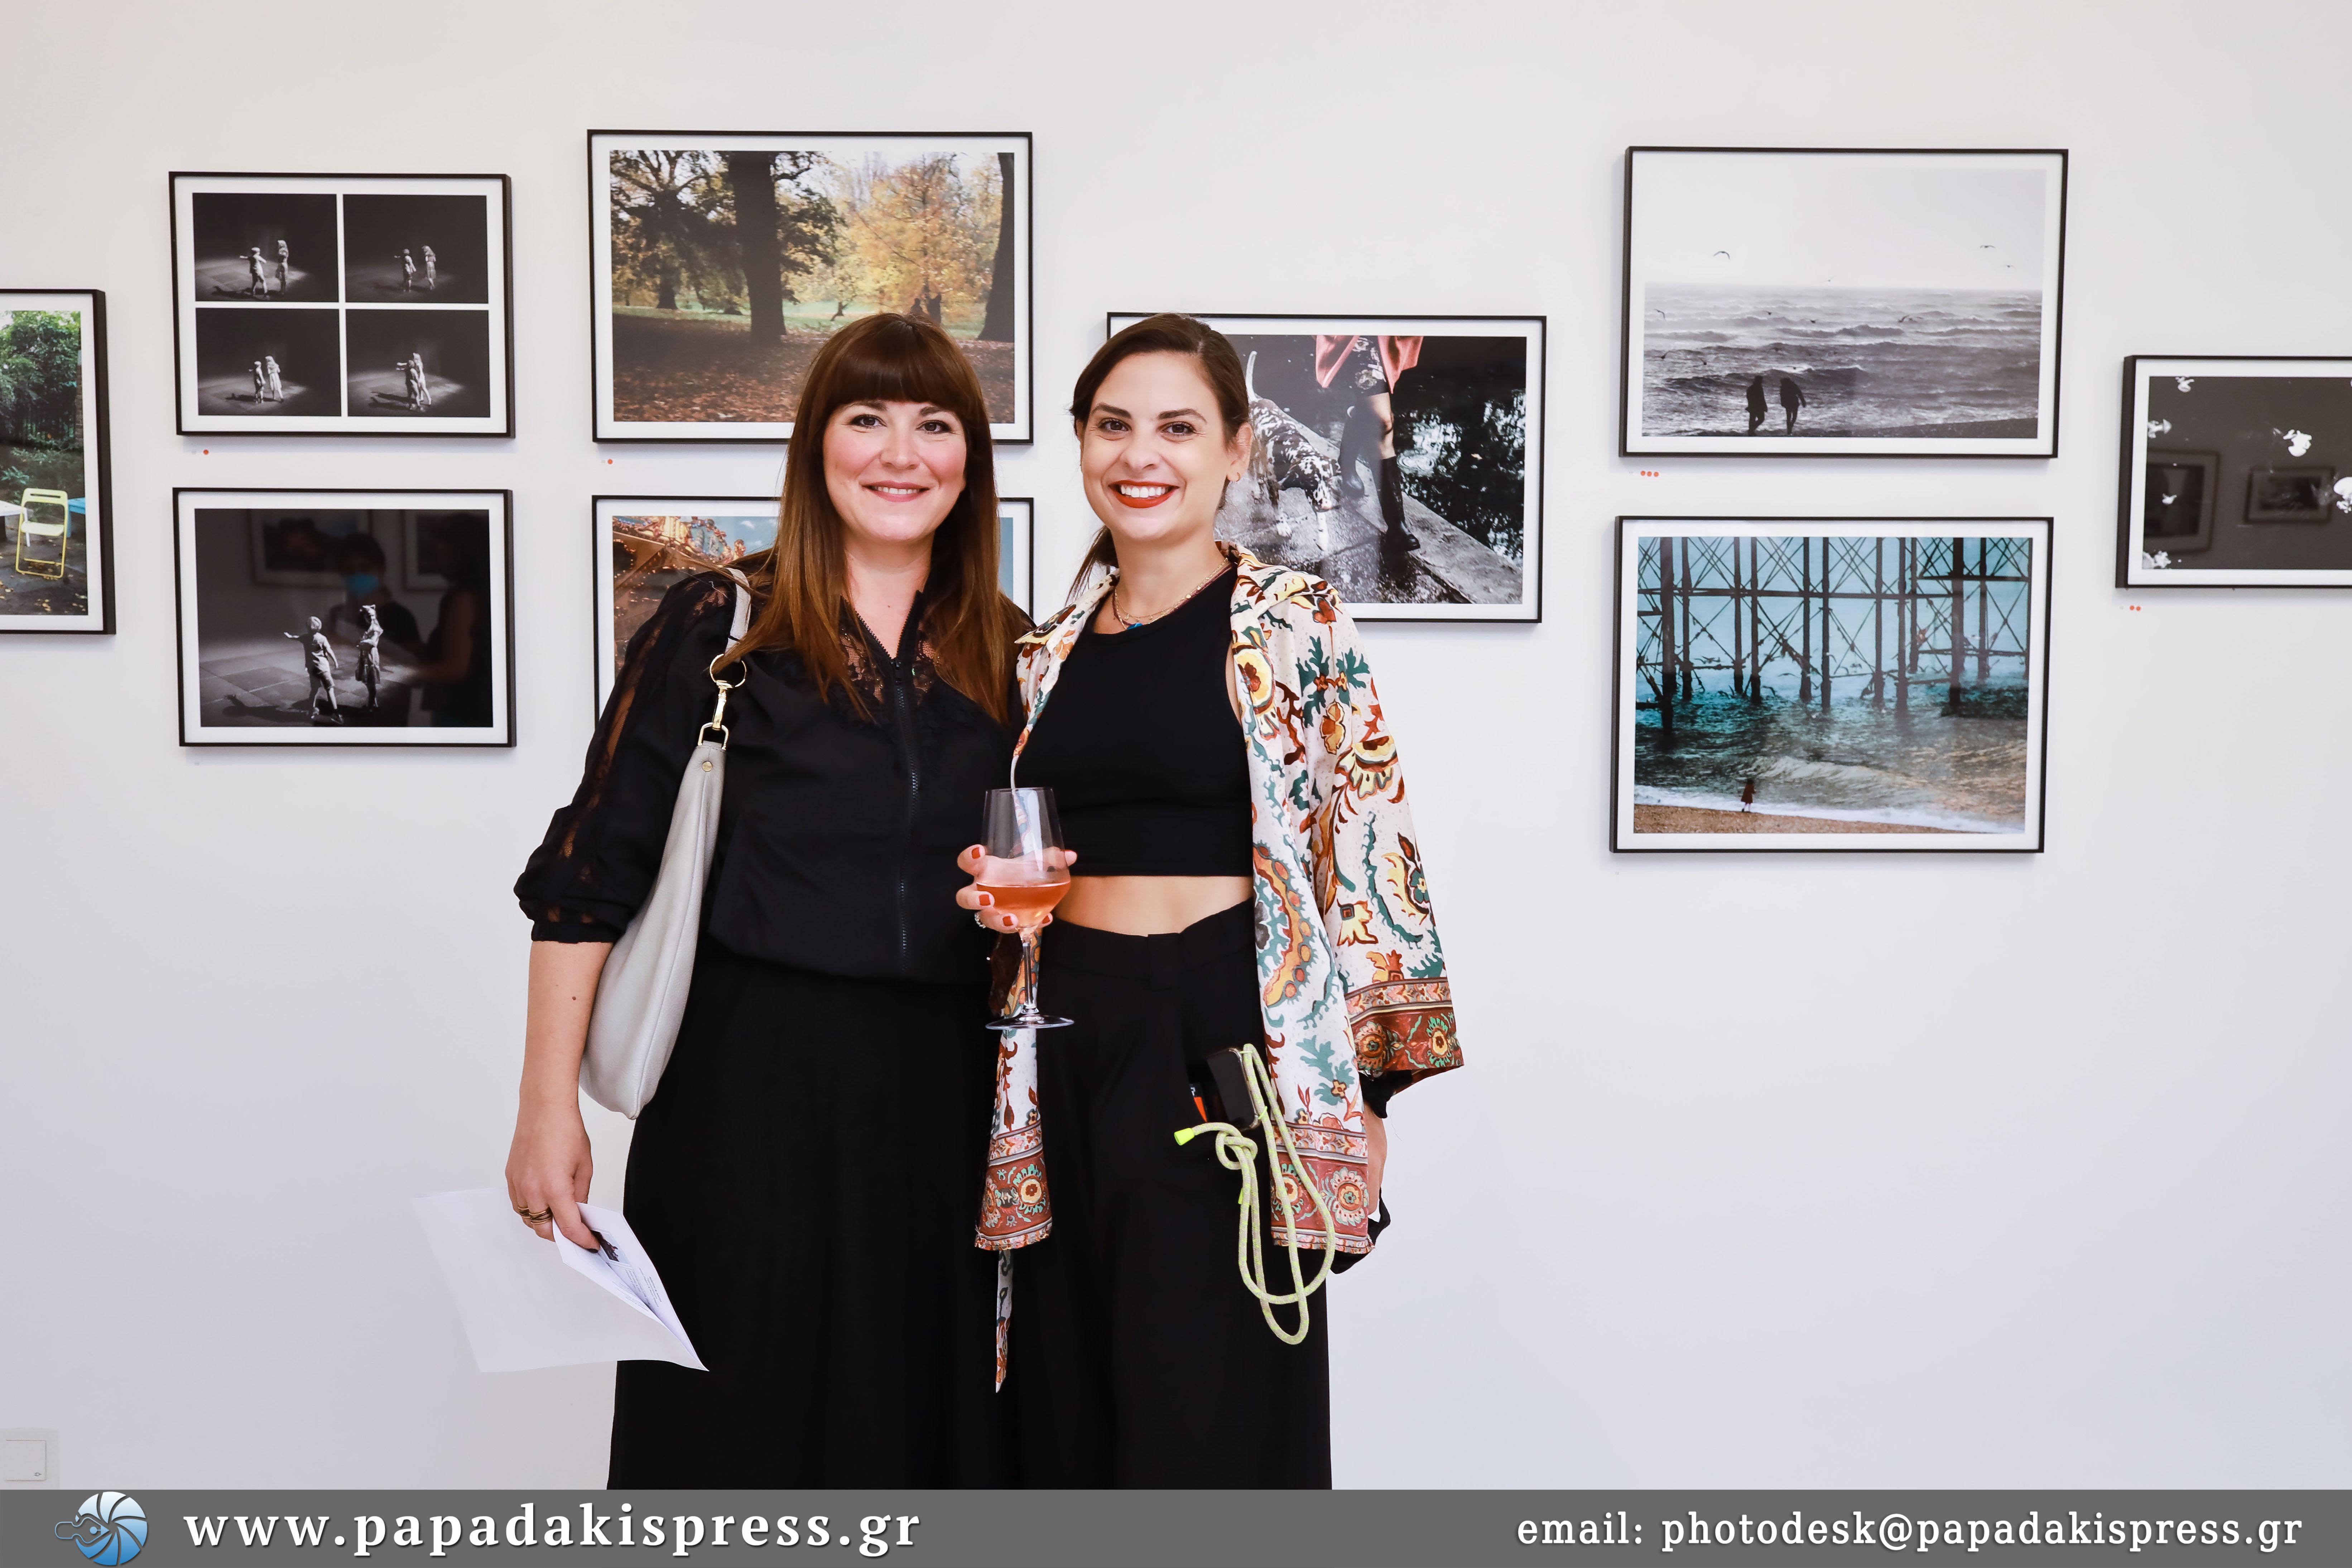 Εγκαίνια της έκθεσης φωτογραφίας «Νόστος & Άλγος» @Γκαλερί Ζουμπουλάκη 14